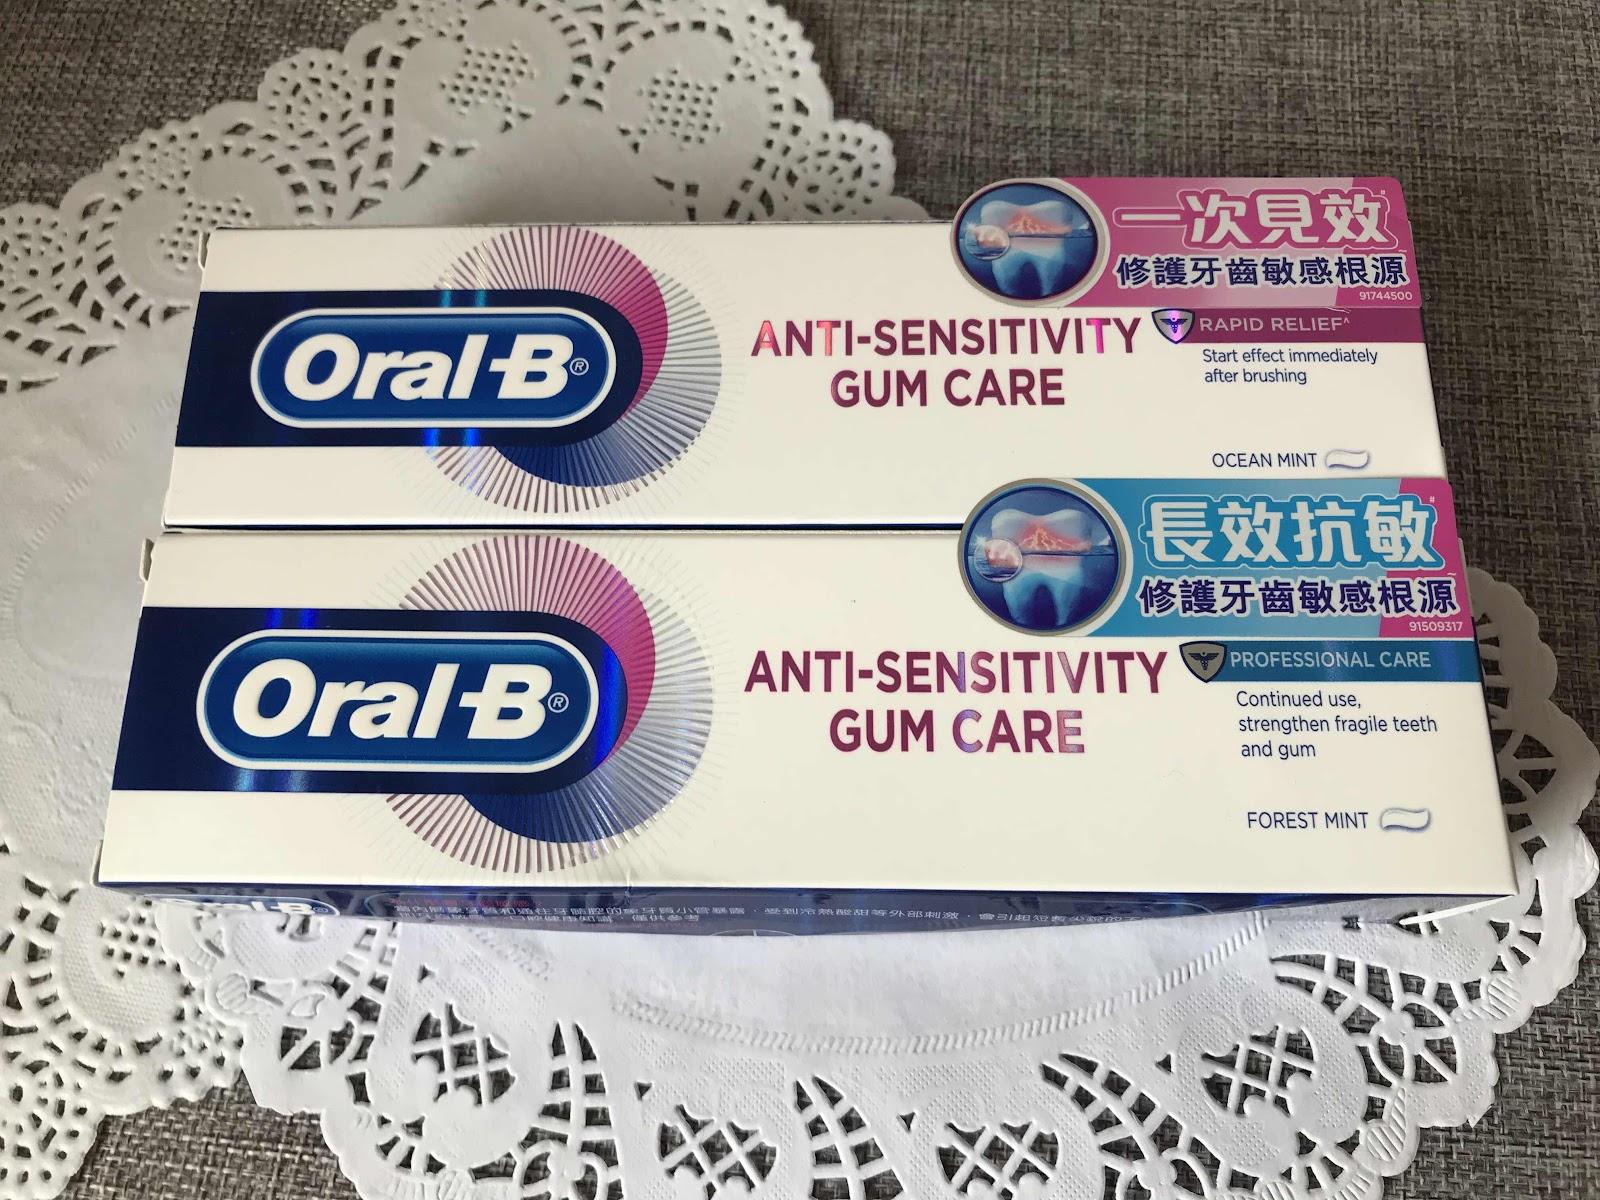 全新Oral-B抗敏護齦牙膏,不怕飲凍飲走飲管,拜拜敏感牙齒